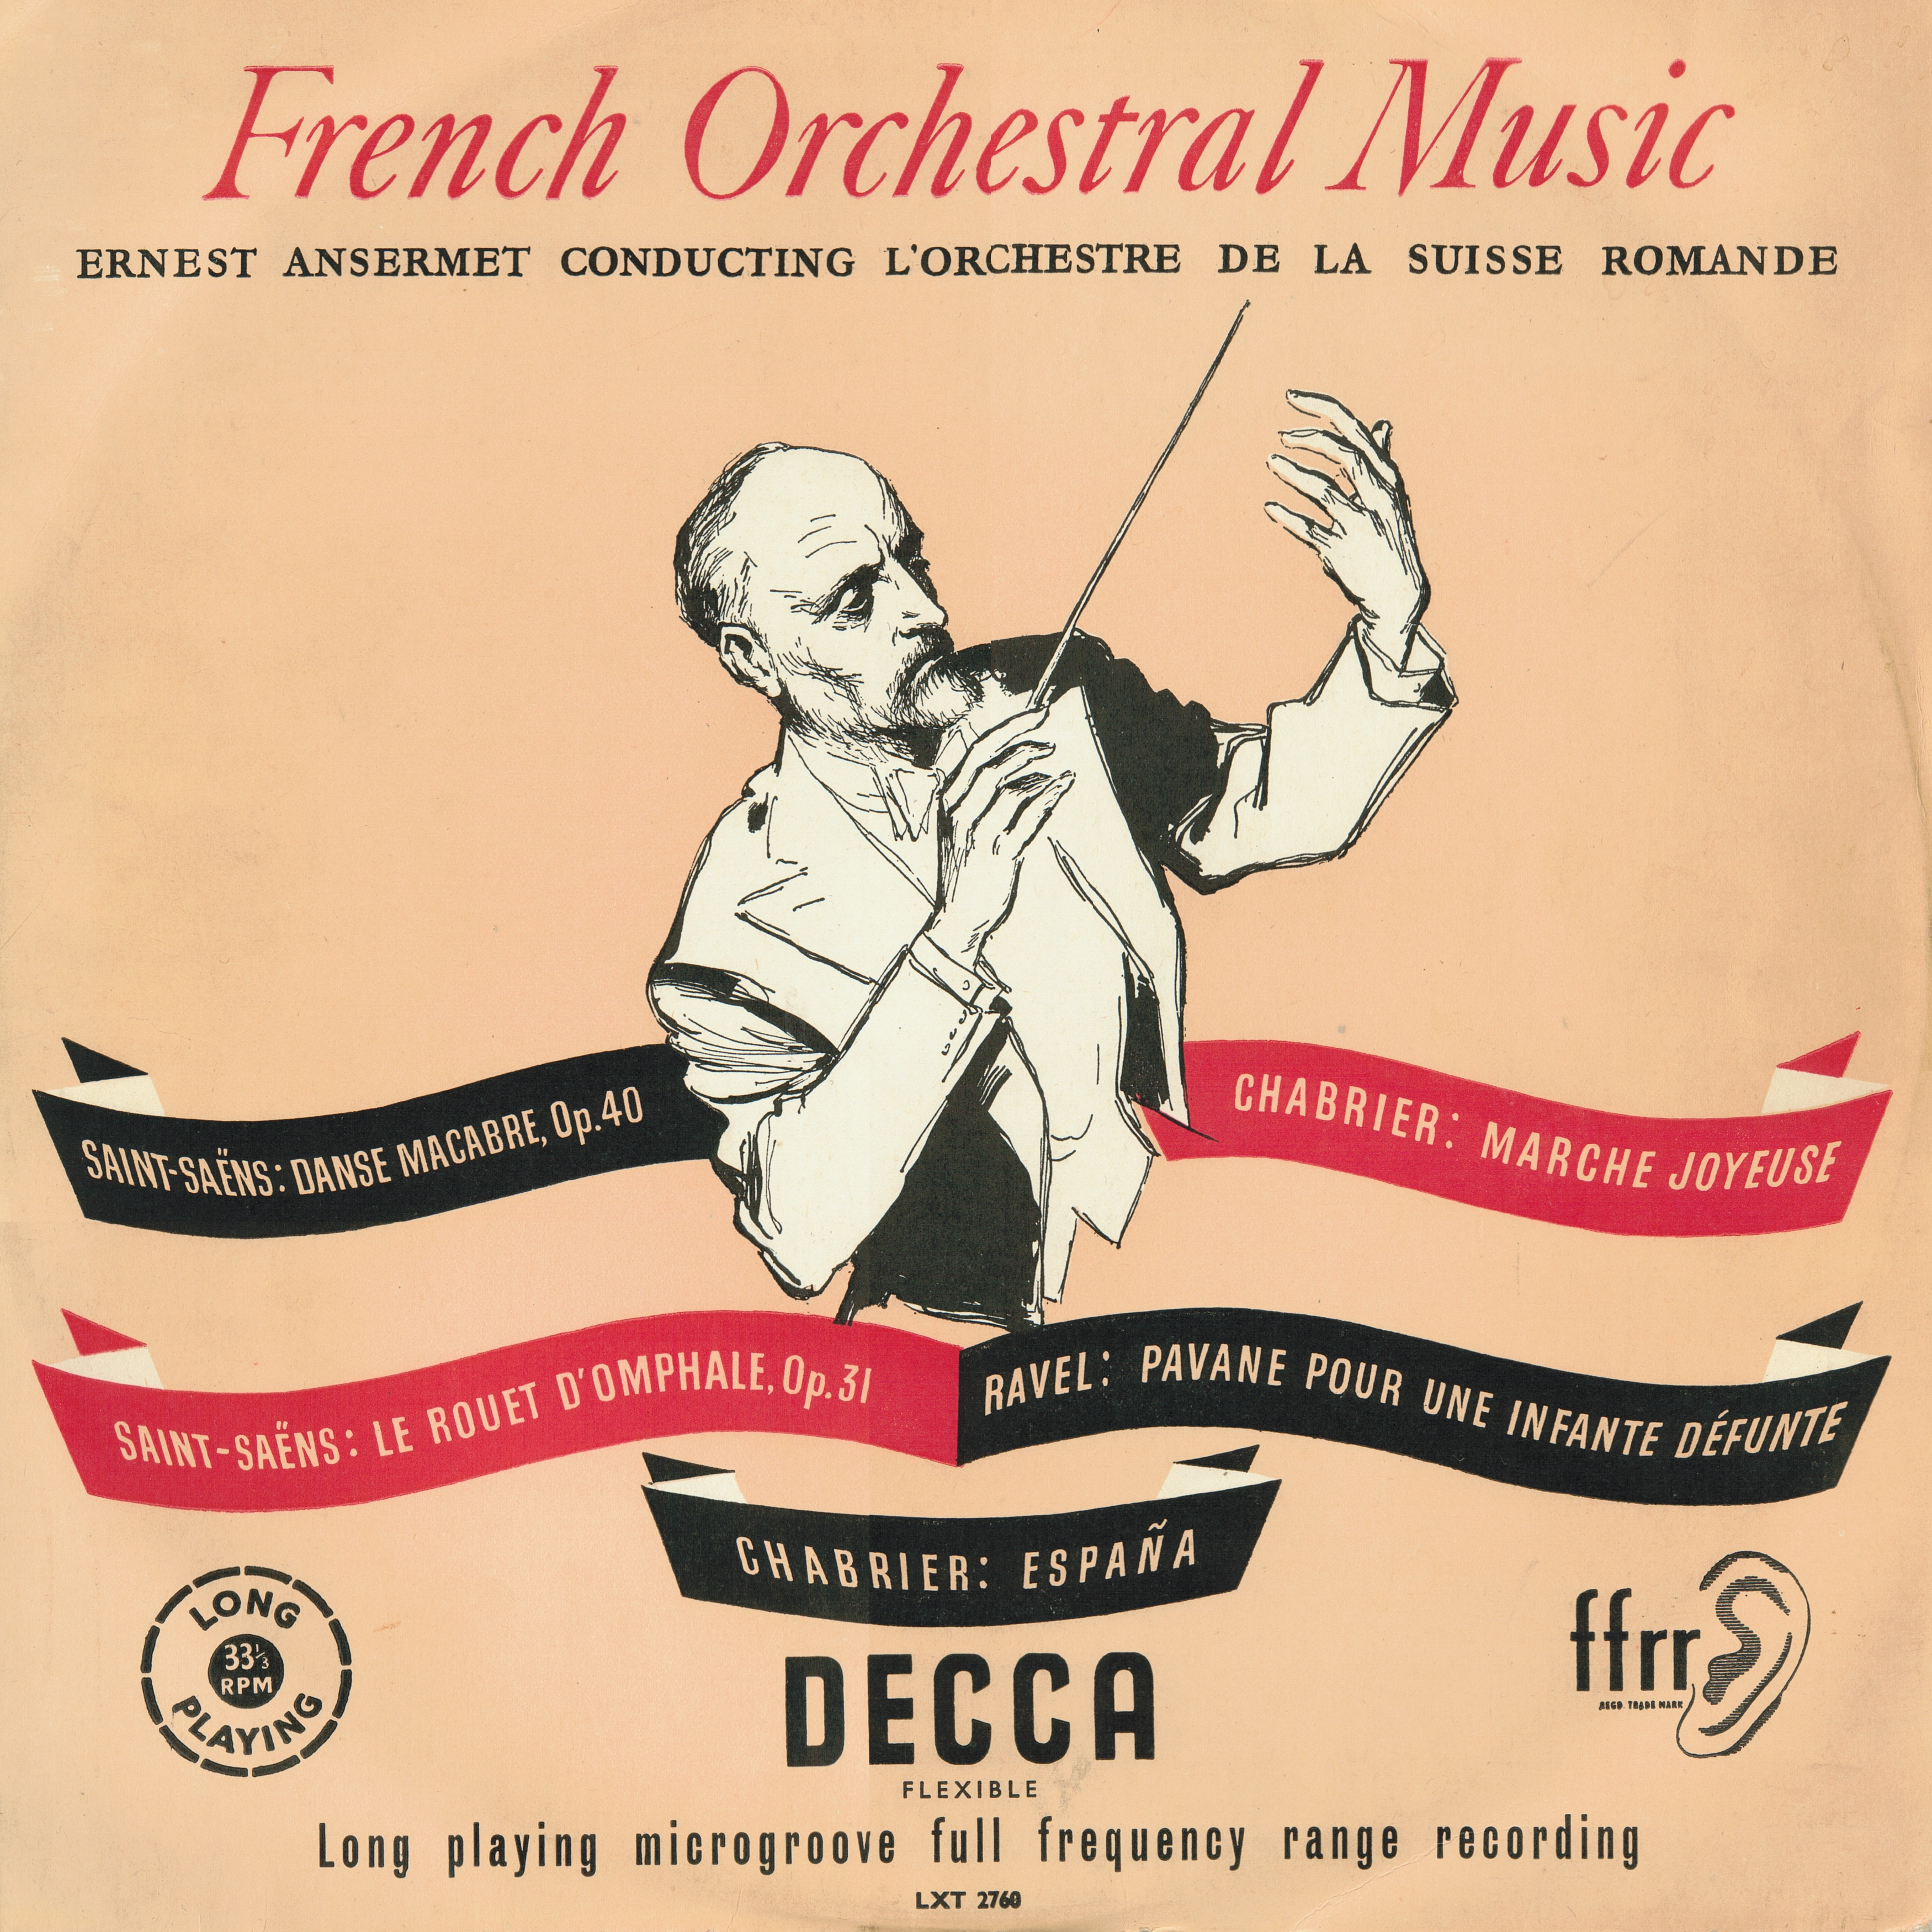 Camille SAINT-SAENS, La Danse macabre, OSR, Ernest ANSERMET, 1952, Recto de la pochette du disque LXT 2760